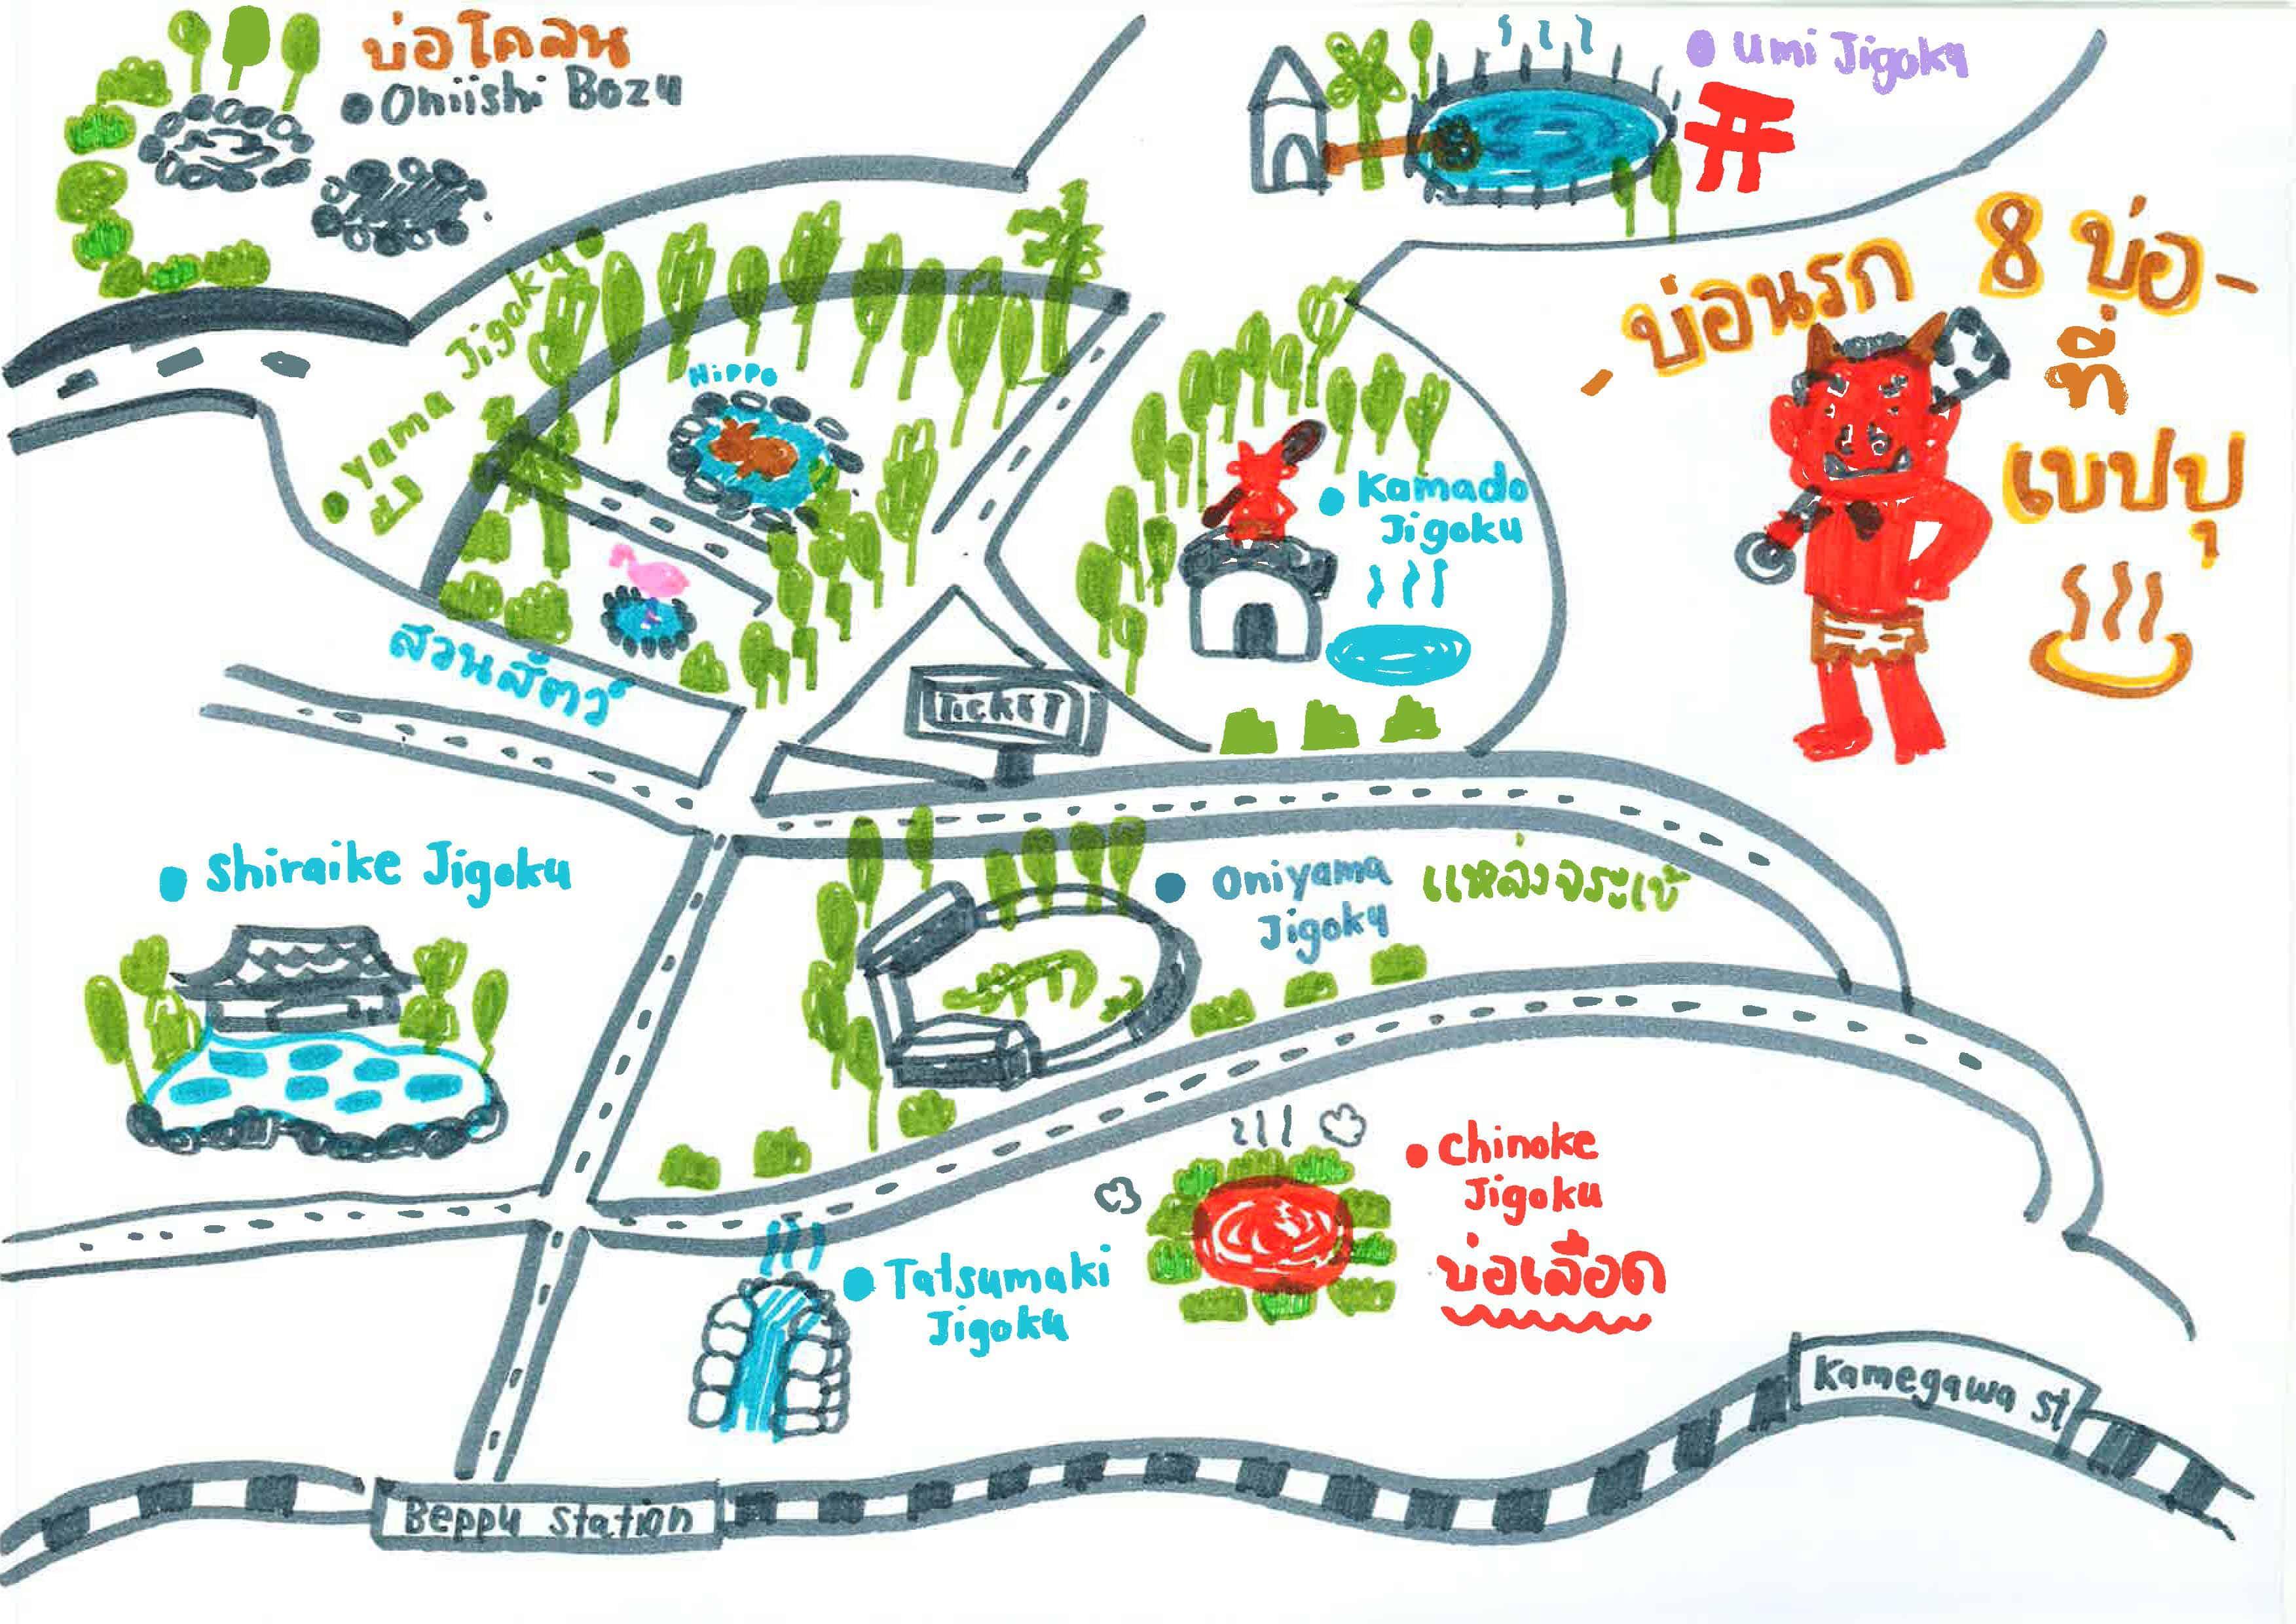 แผนที่จิโกกุ เมกุริ (Jigoku Meguri) เมือง Beppu